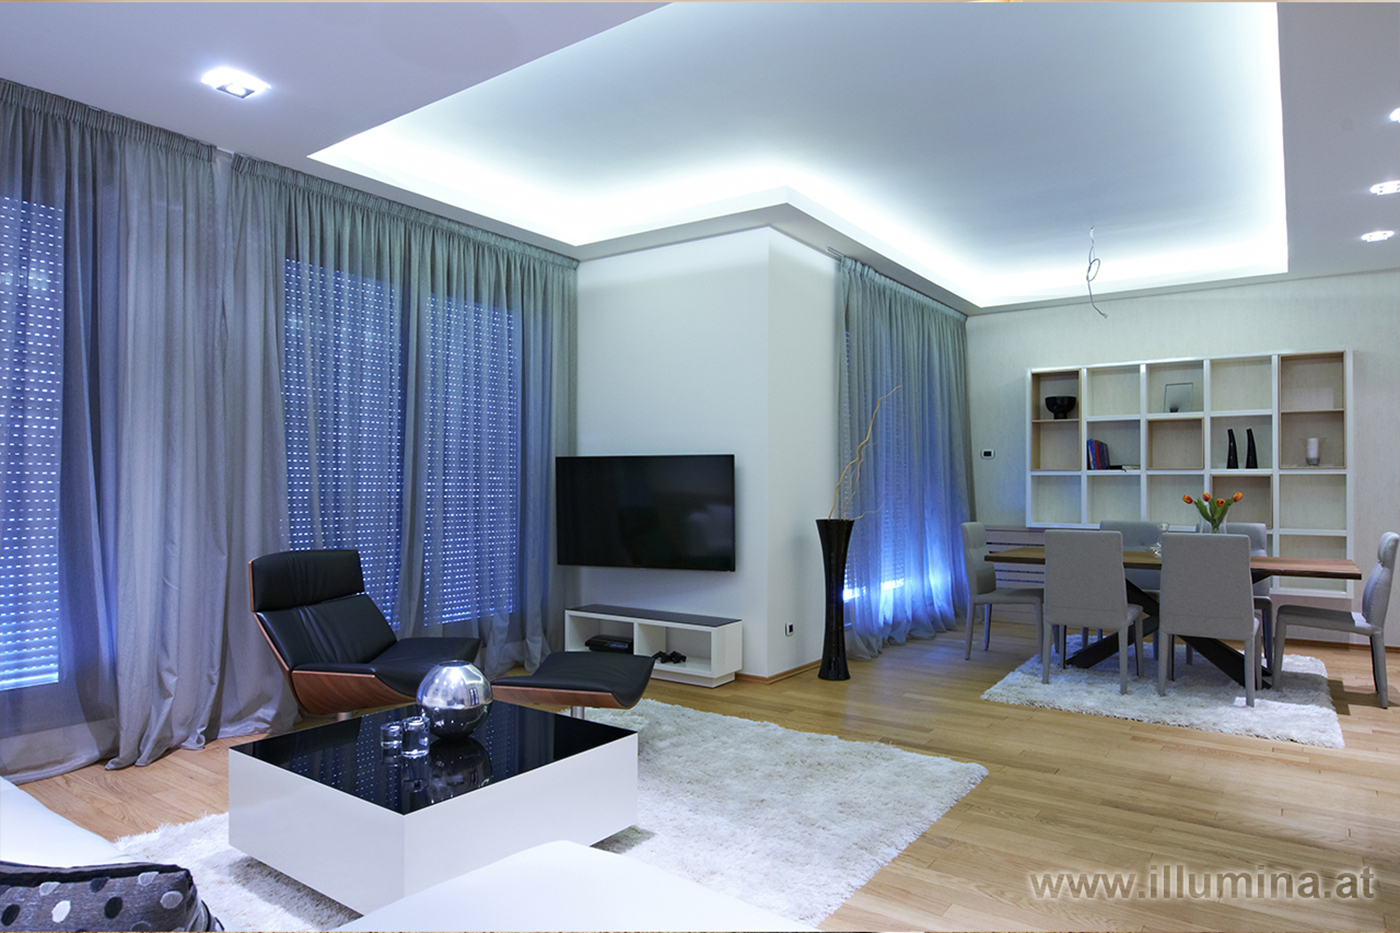 Wohnzimmer mit indirekter Beleuchtung Illumina